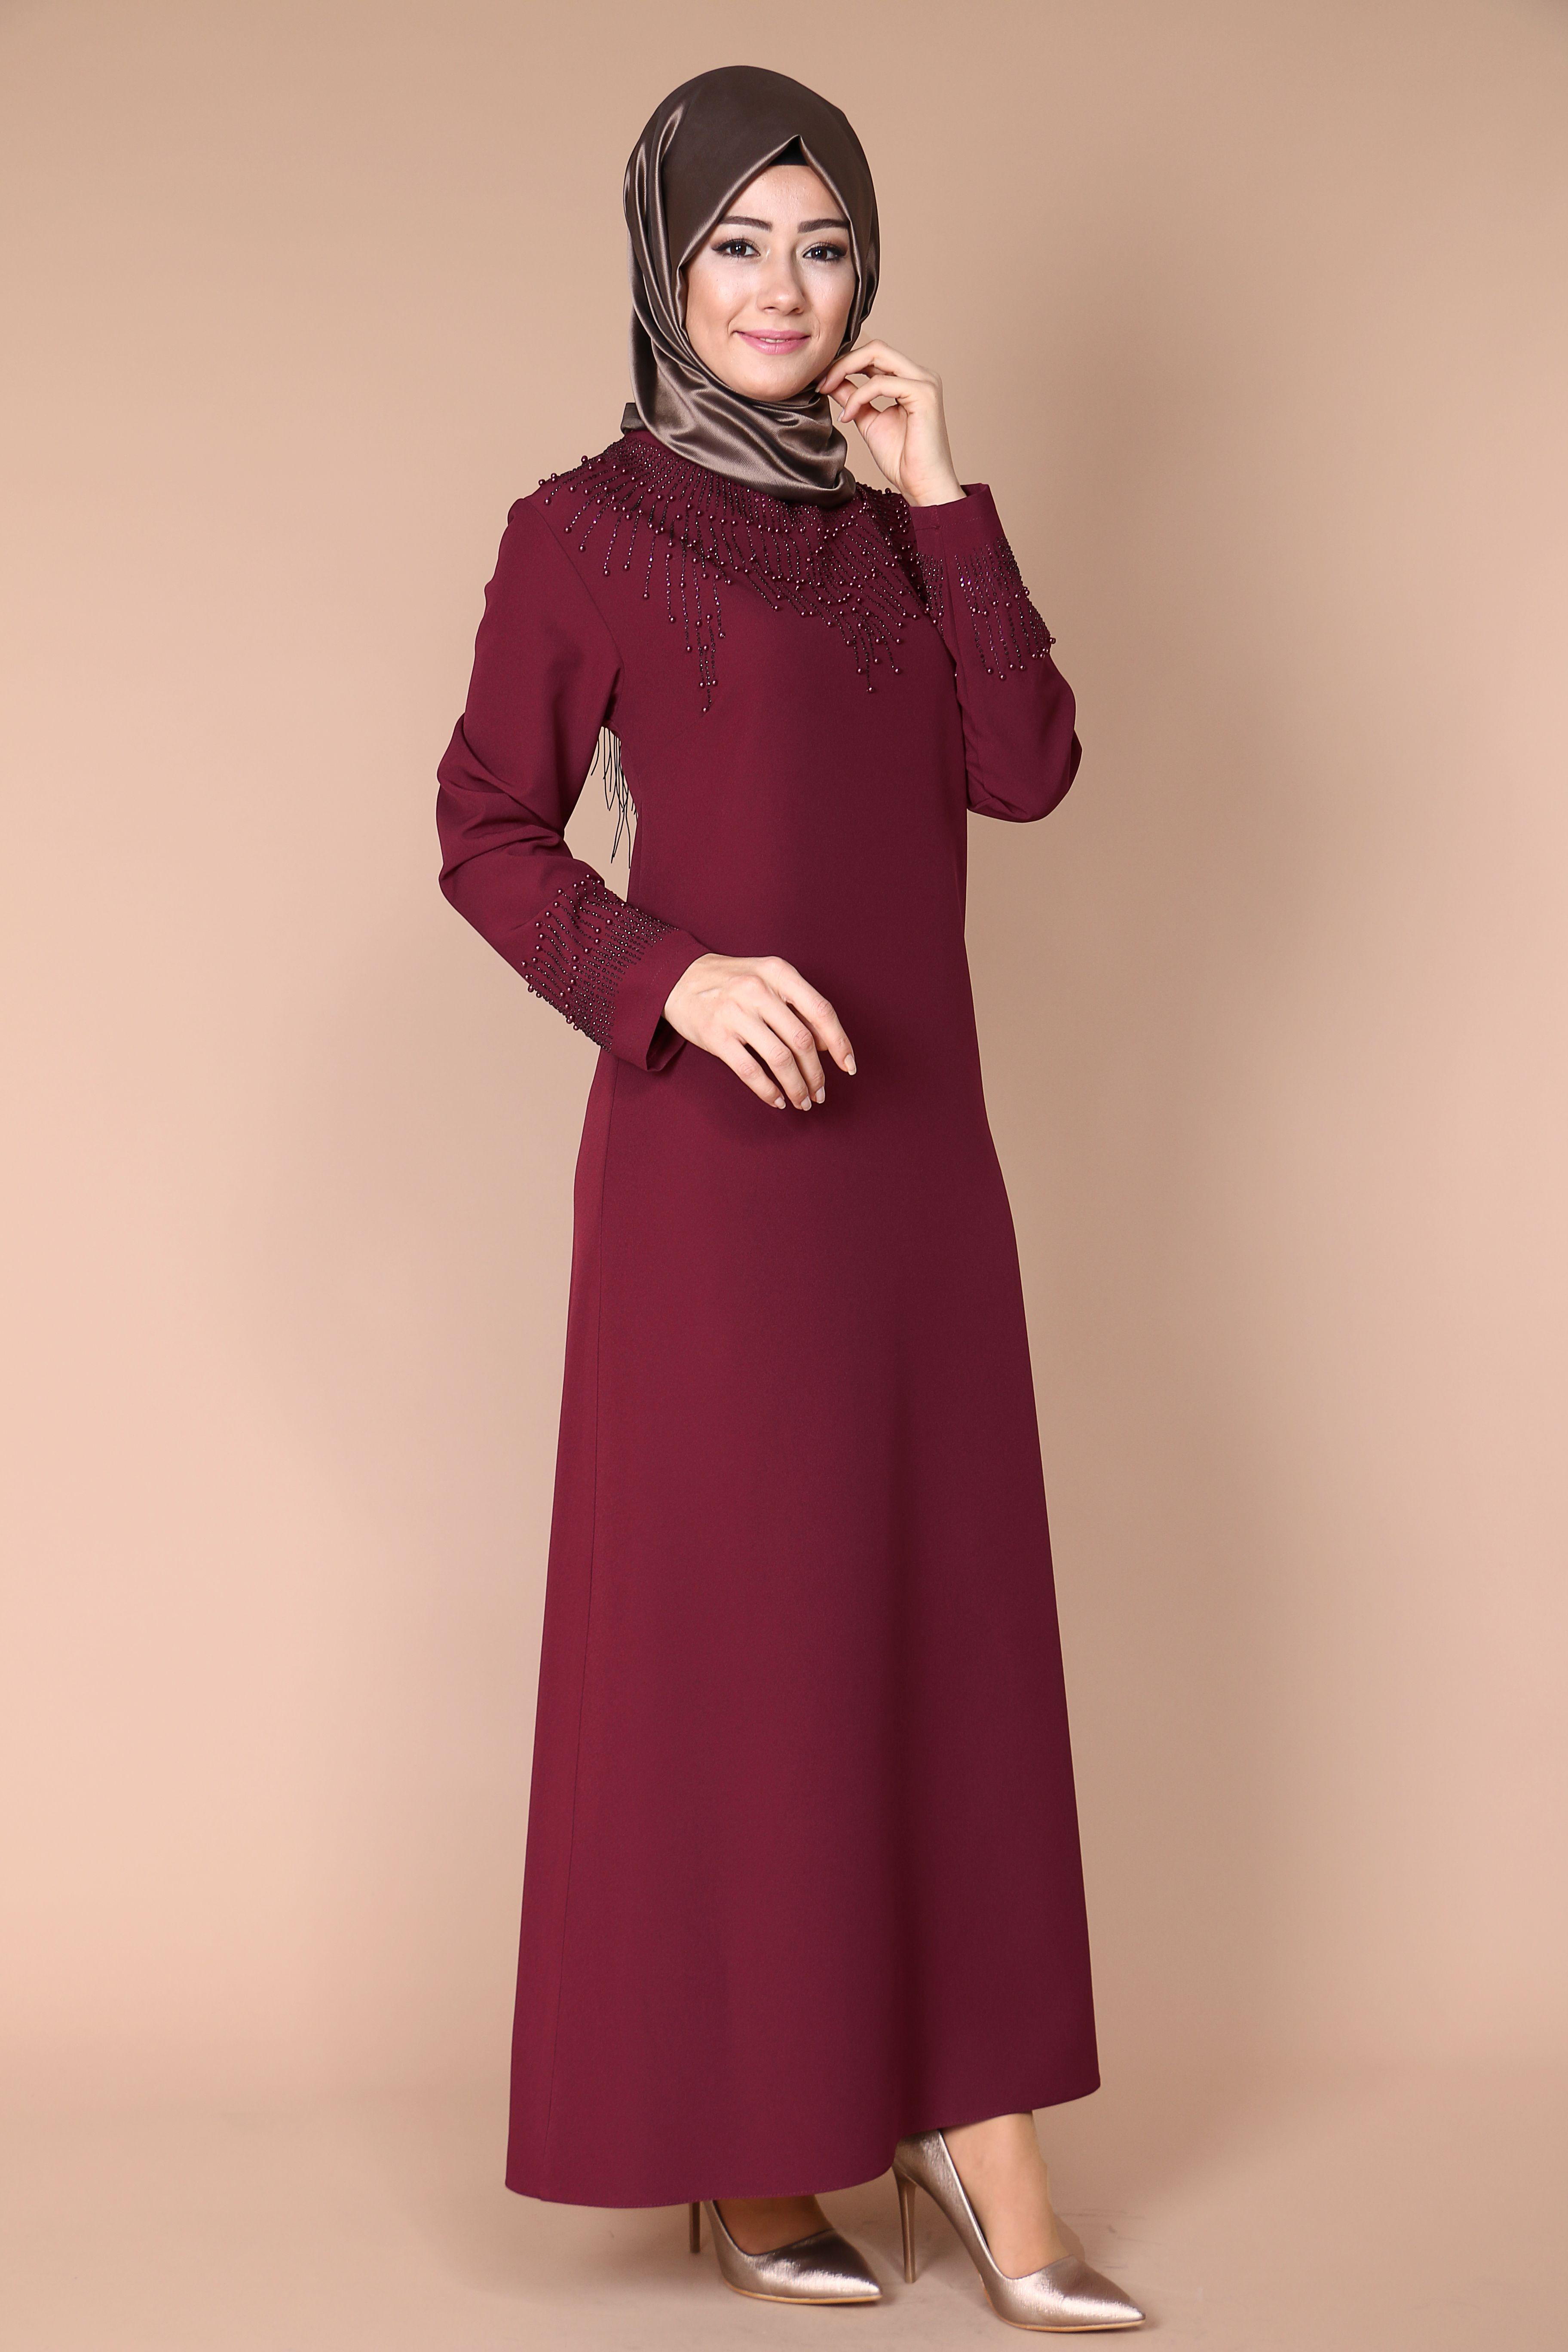 Guler Incili Elbise 129 90 Tl Siparis Www Modaselvim Com Urun Kodu Obn159 Beden Araligi 46 56 Modaselvim Tesettur Tesettu The Dress Elbise Islami Moda